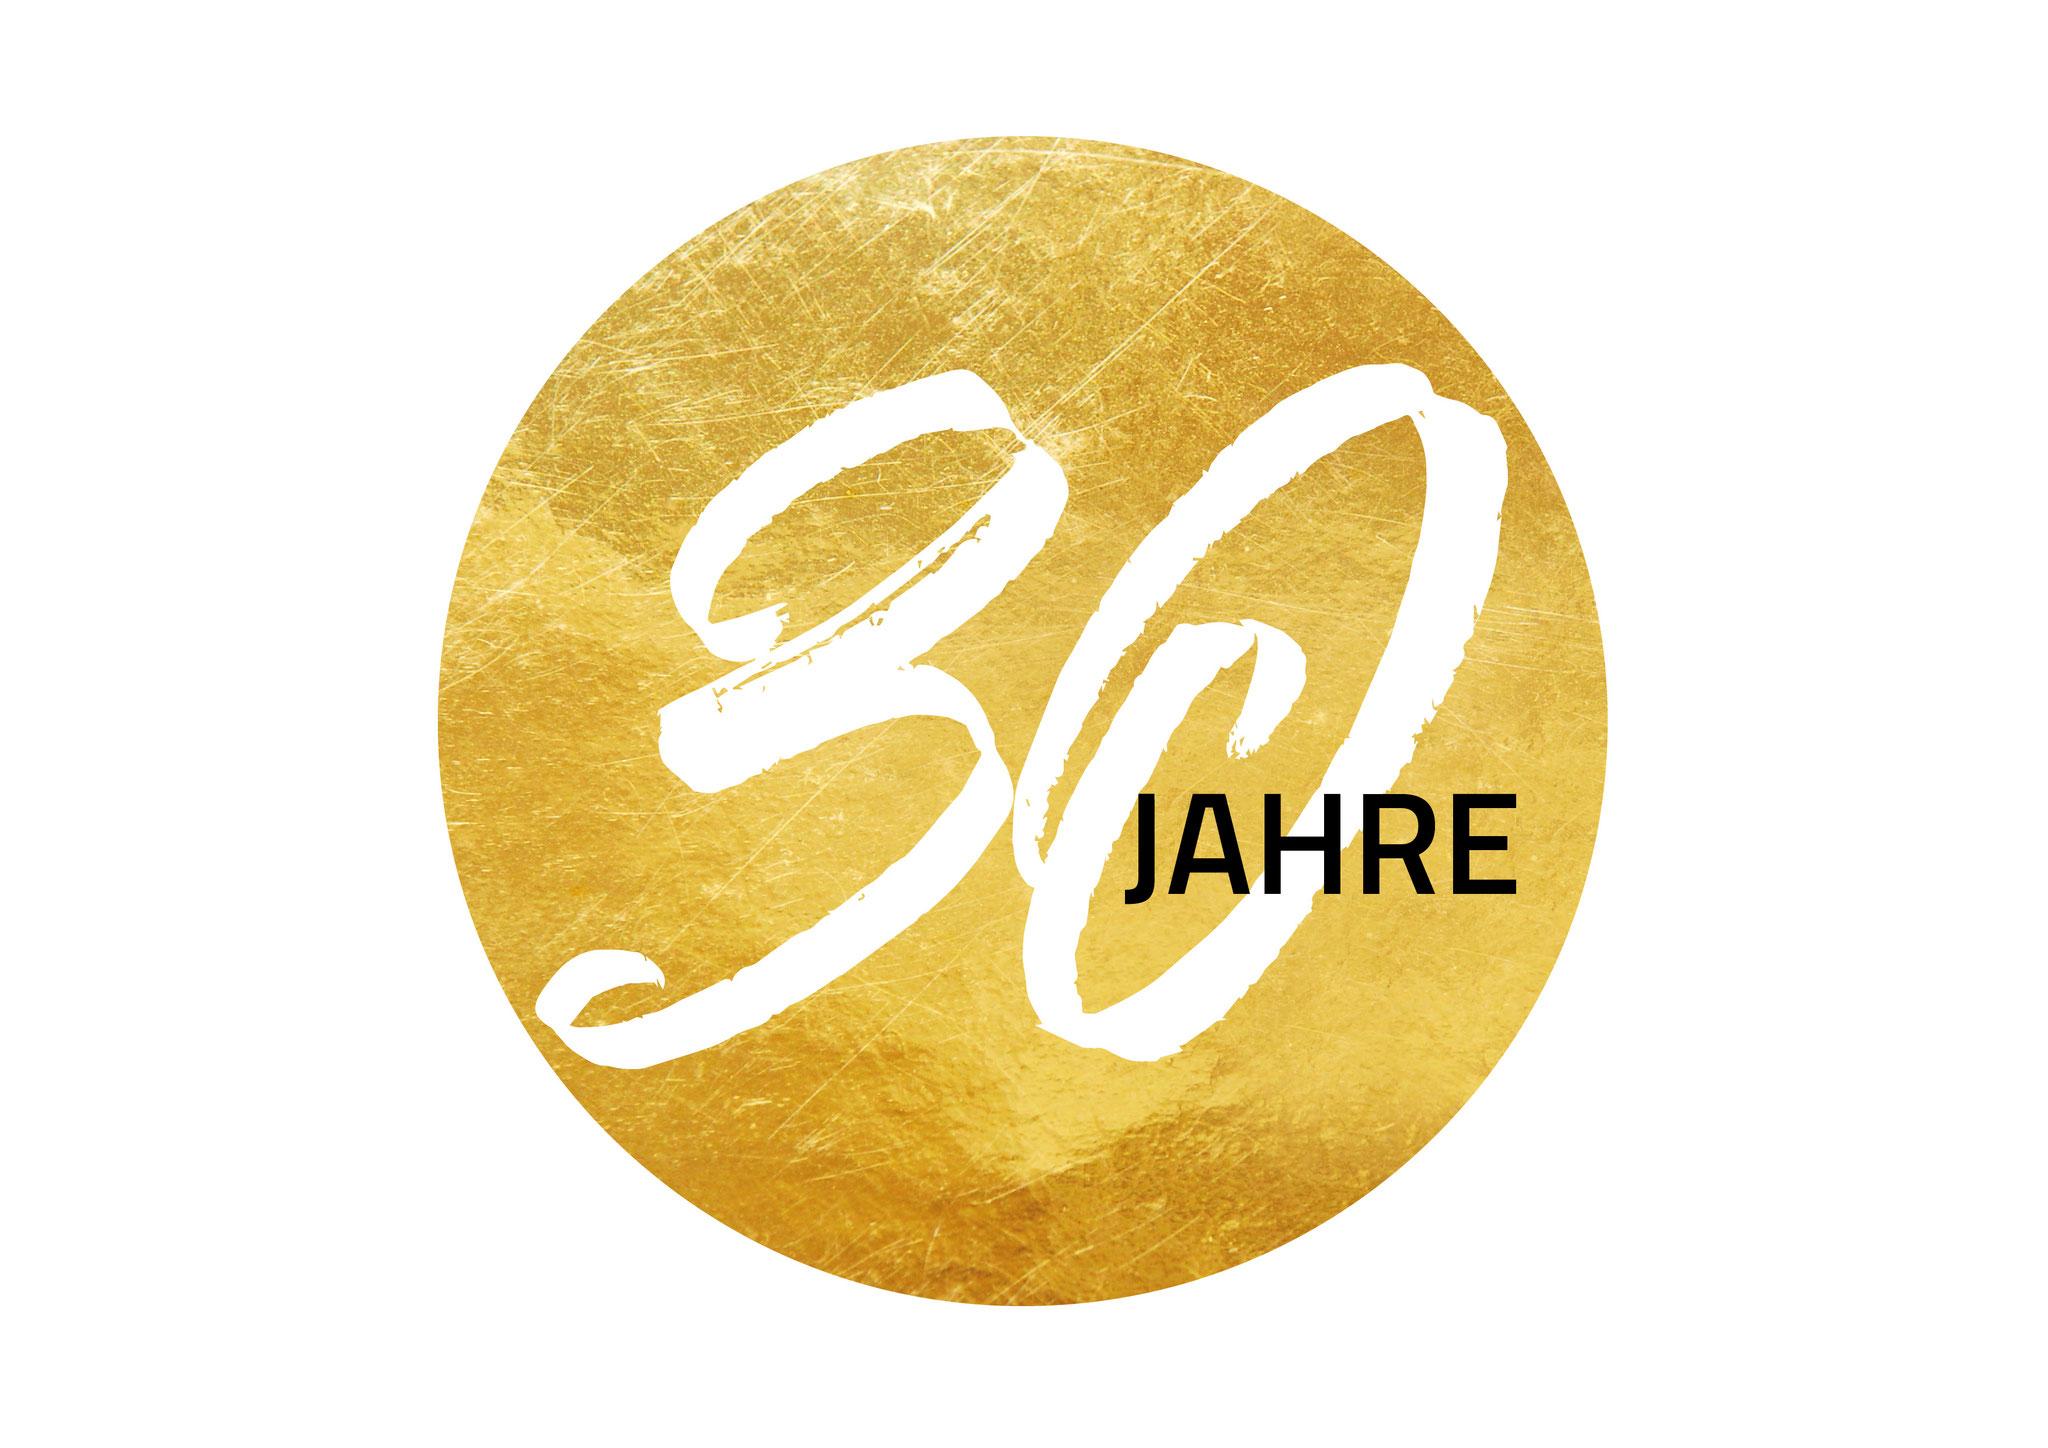 Wir feiern das Leben, das Mit- und Füreinanderdasein und 30 Jahre Deutsche Psychosynthese Gesellschaft